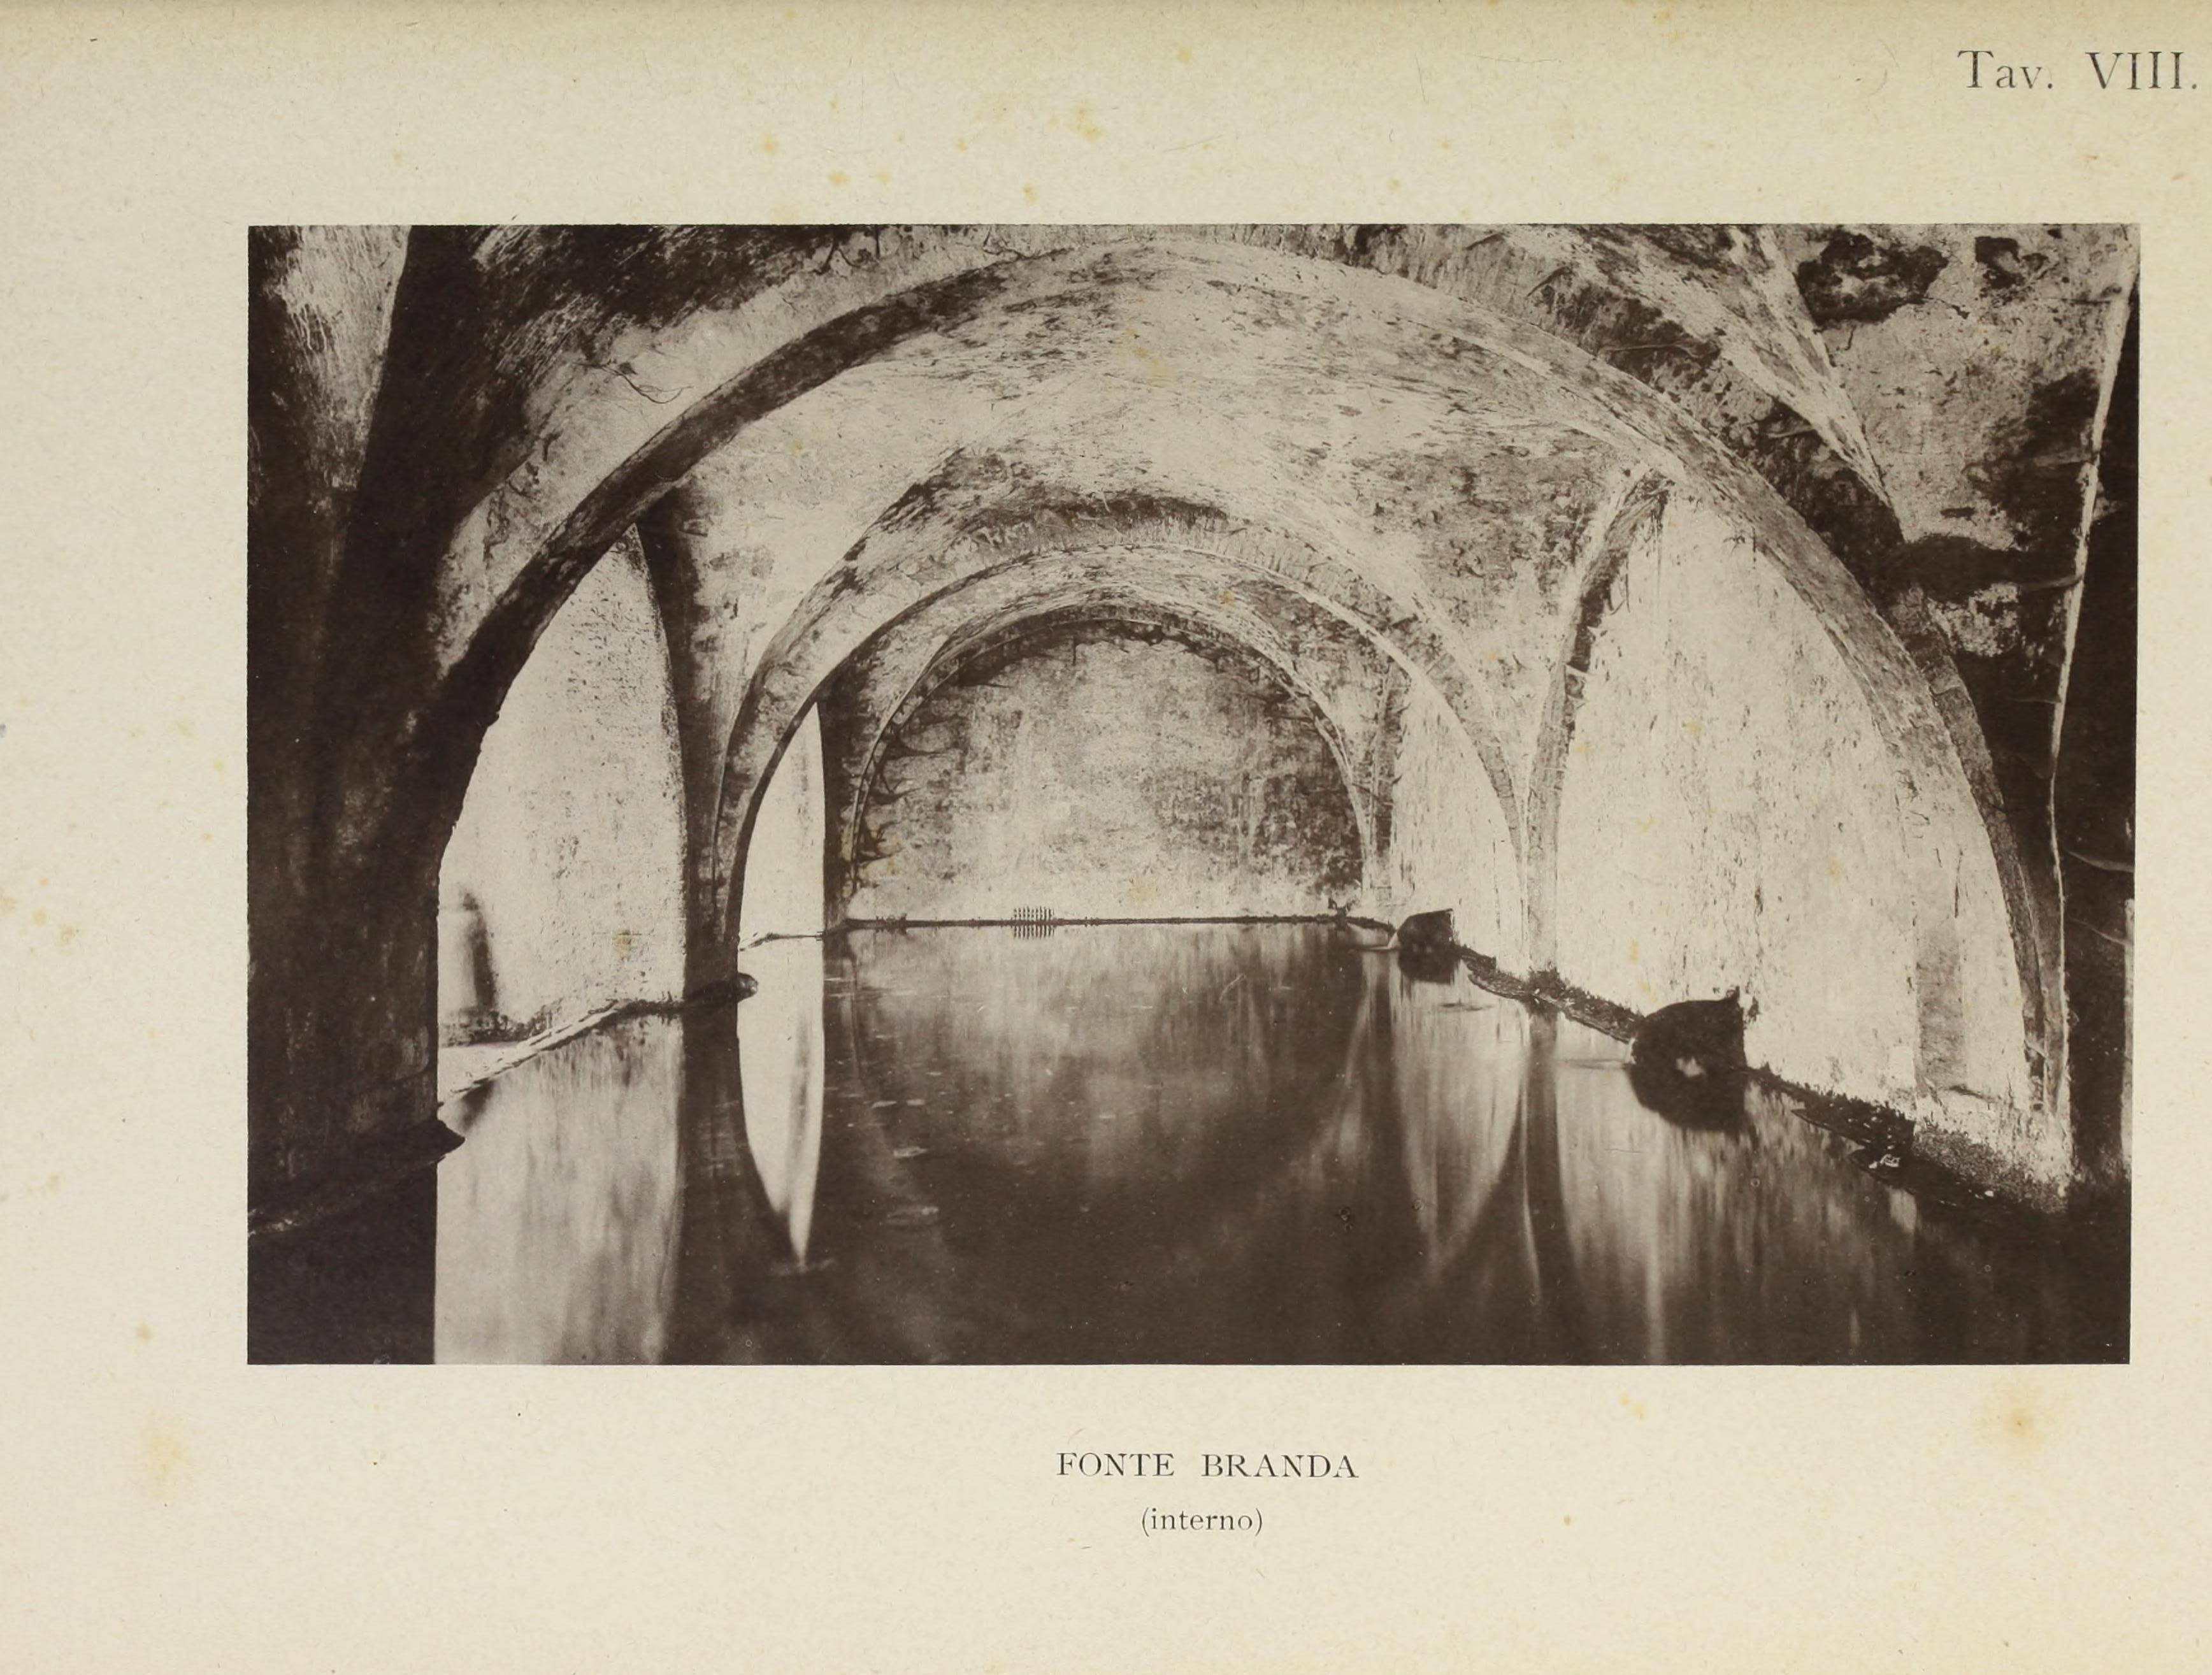 Le fonti di Siena e i loro aquedotti, note storiche dalle origini fino al MDLV (1906) (14754331776).jpg